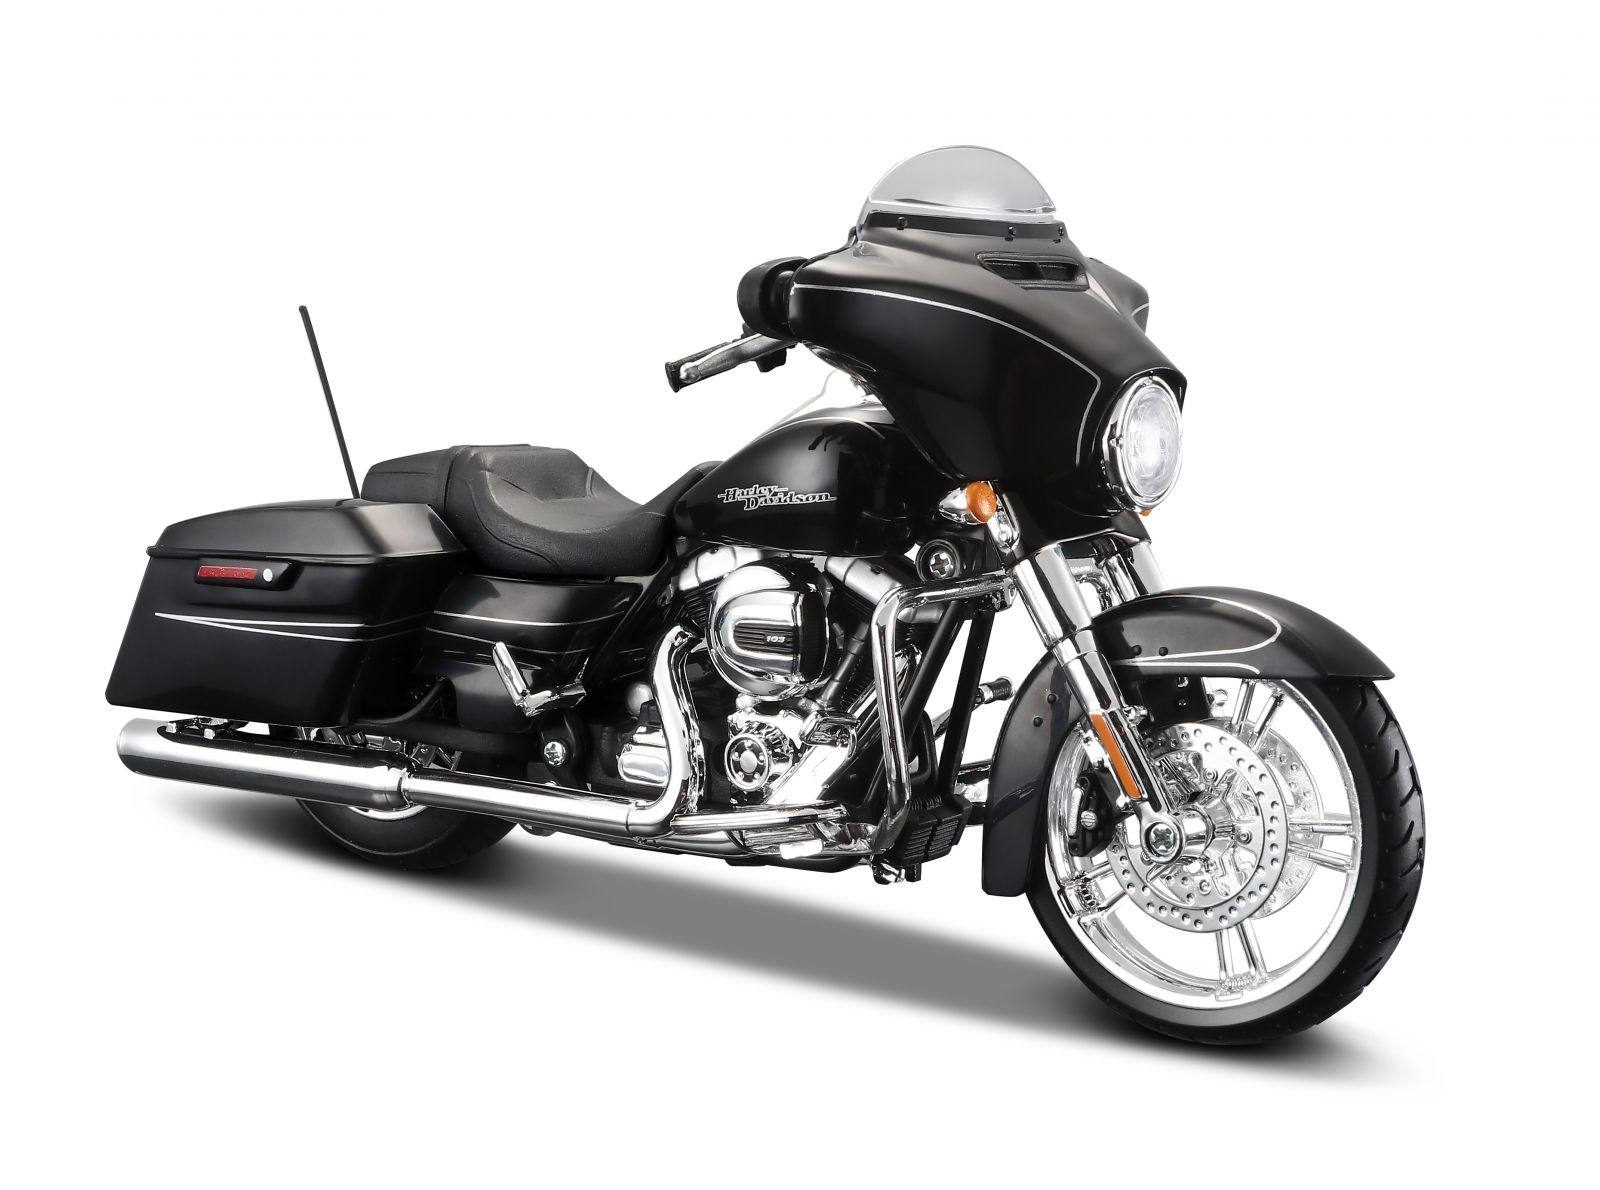 Maisto Harley Davidson 2015 Street Glide Special 1:12 černá